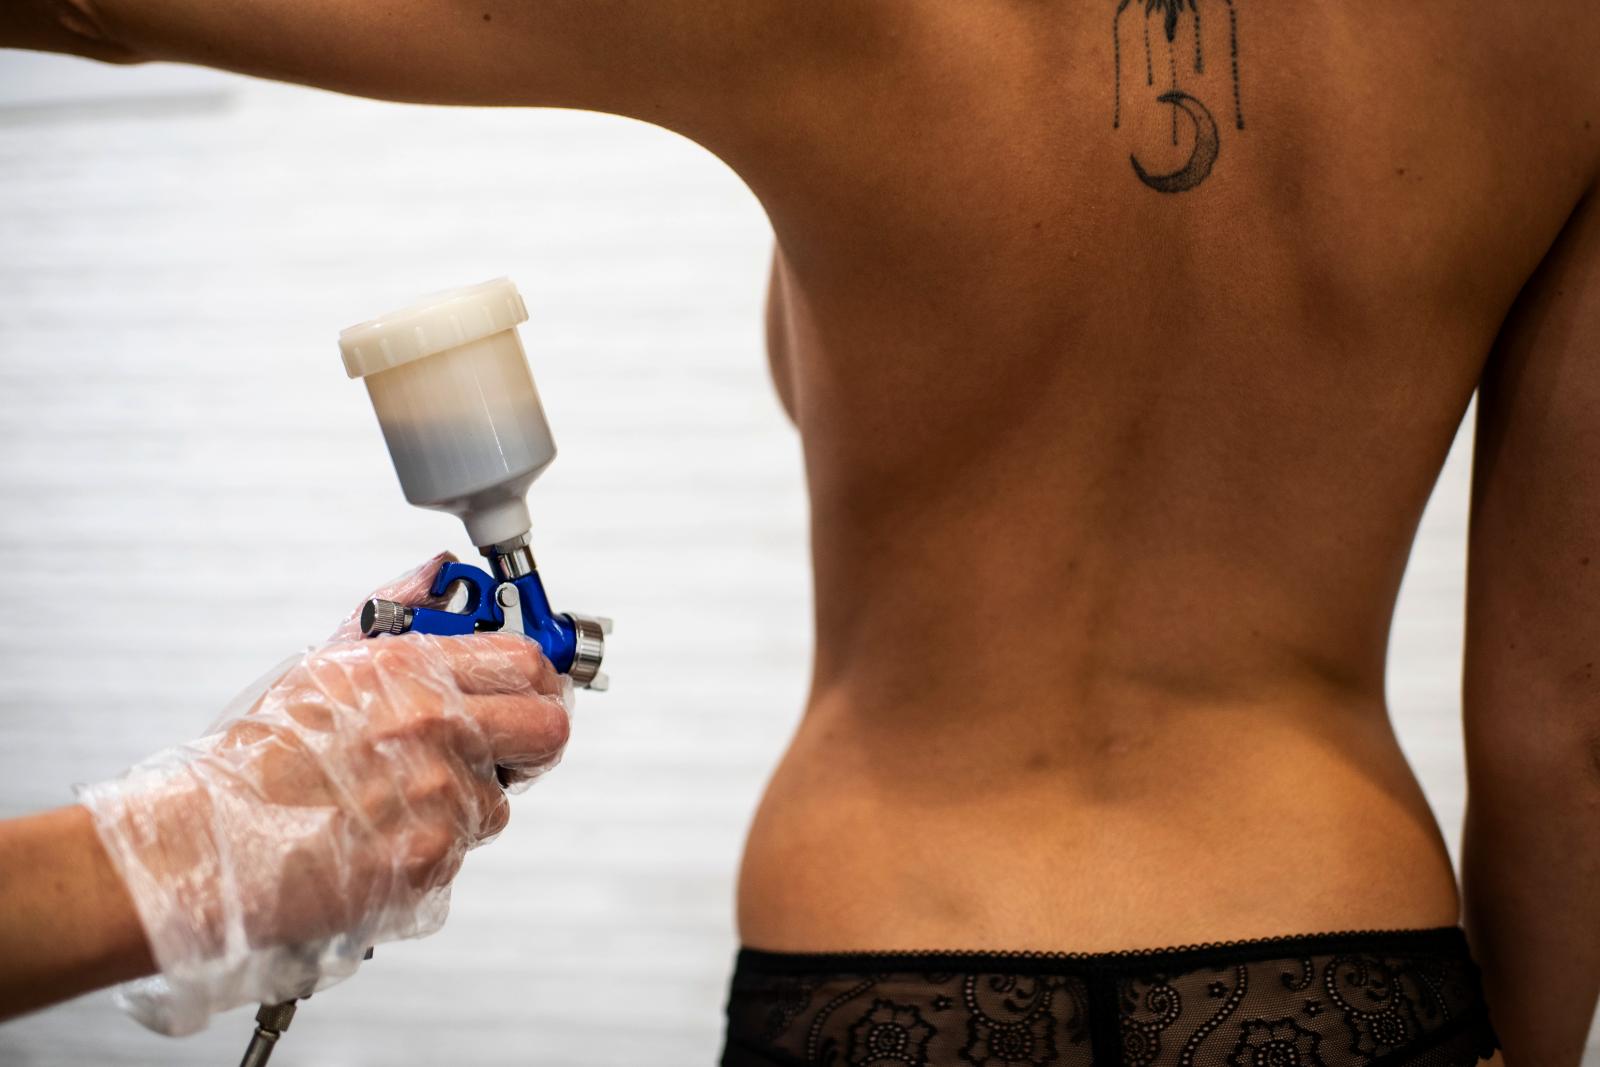 БЫСТРОДлительность сеанса всего 15-20 минутЗагар подгодит для всех, кто ценит свое время. Наши мастера имеют большой опыт более 5 лет, которые максимально быстро и качественно нанесут бронзирующий лосьон на вашу кожу.